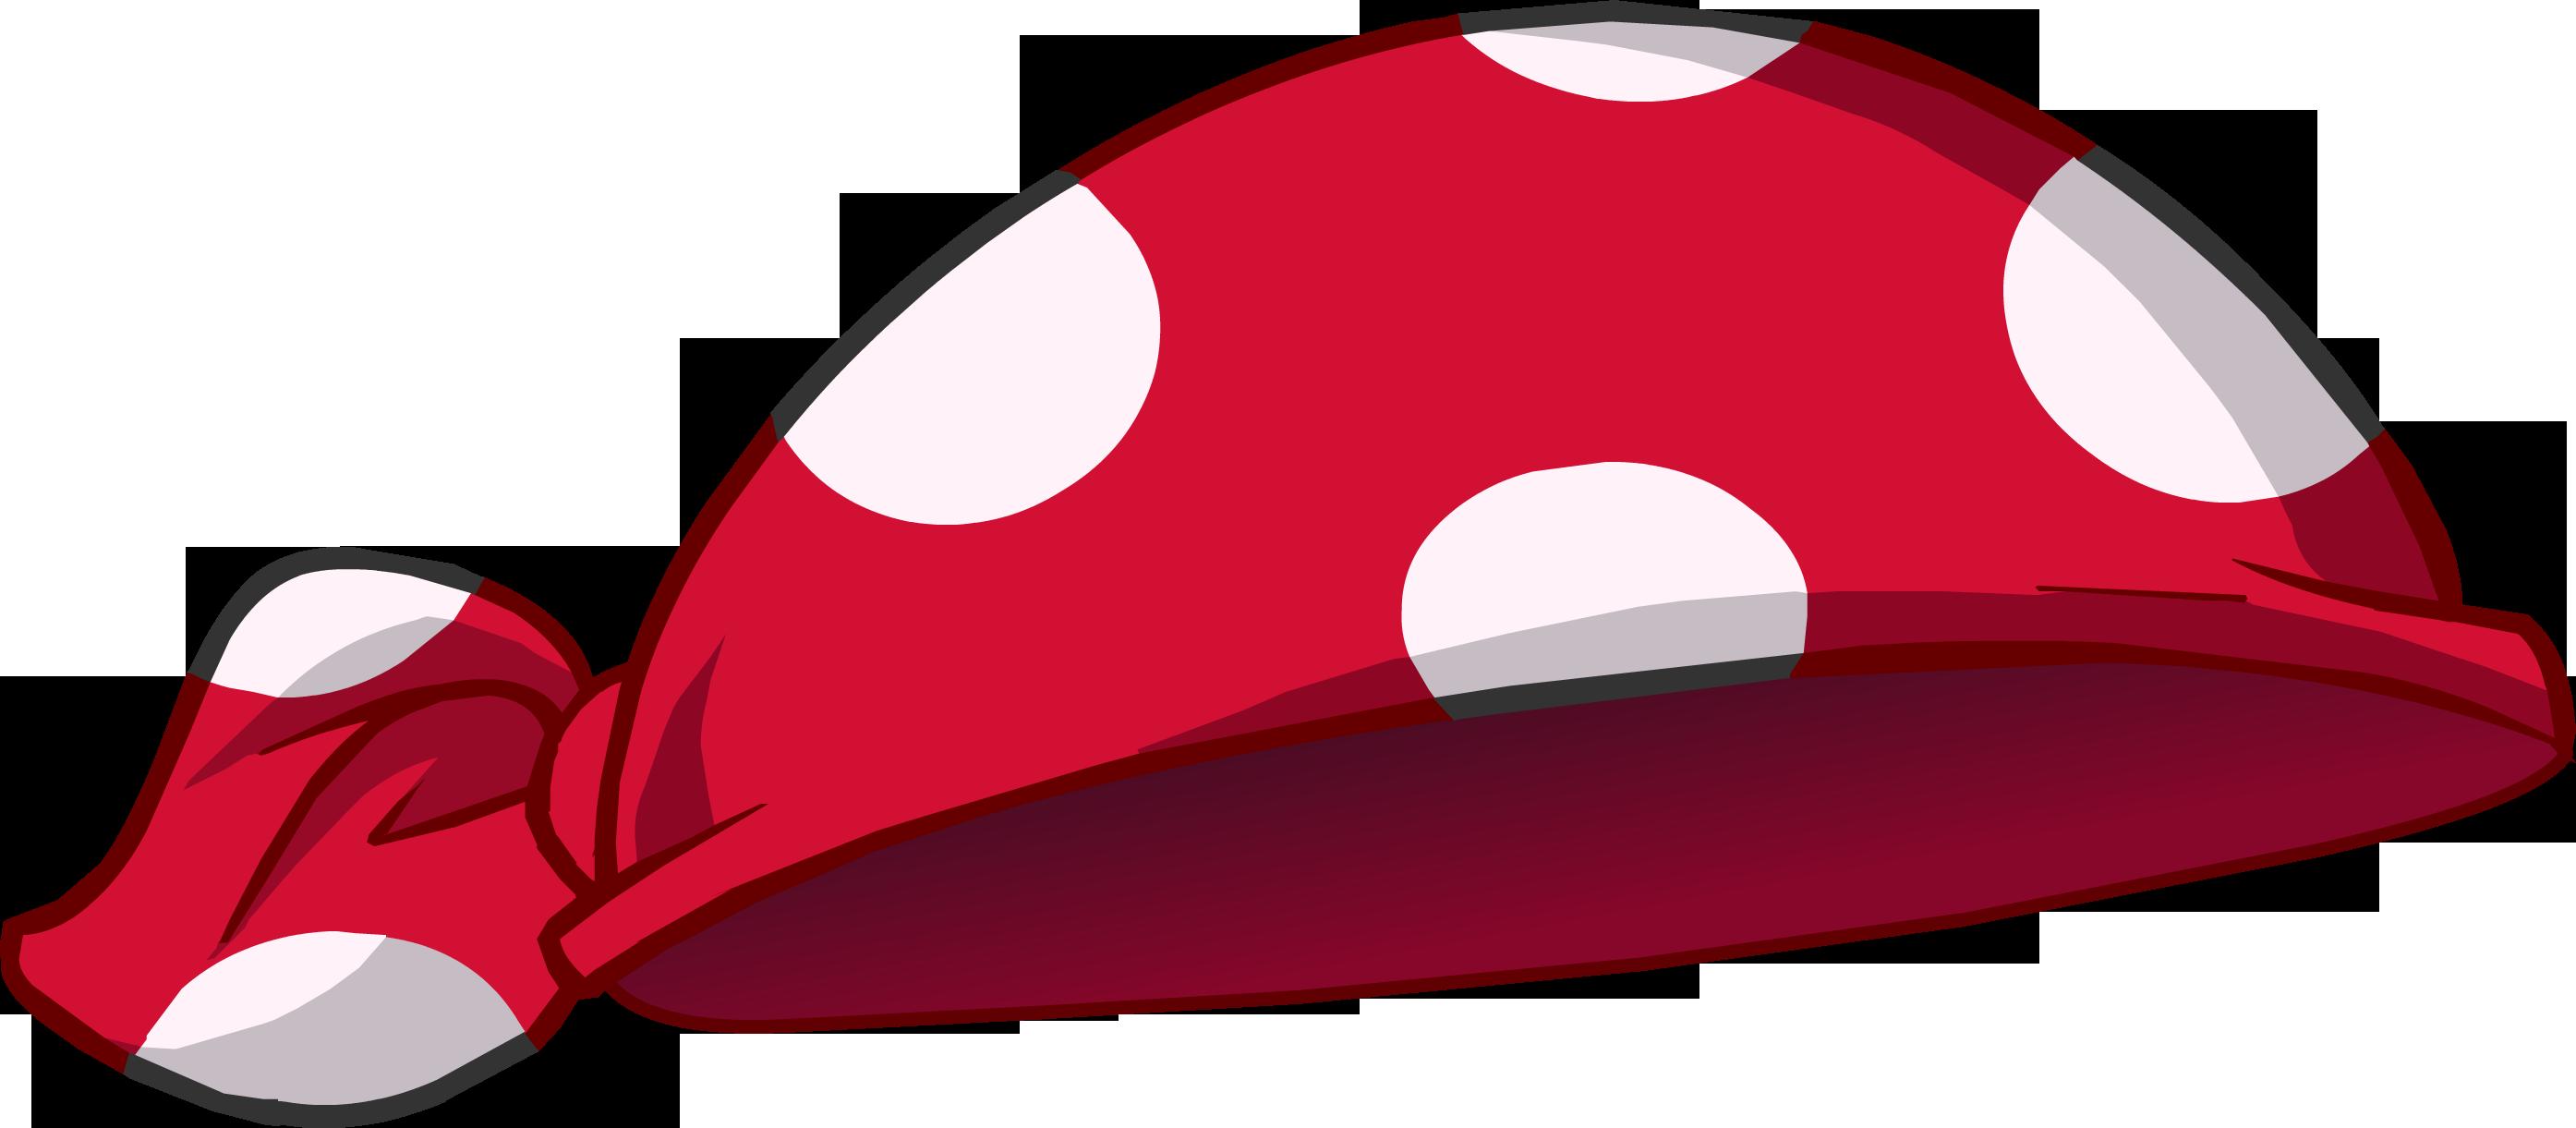 ... Pirate Hat Clip Art U2013 Clipart Fr-... Pirate Hat Clip Art u2013 Clipart Free Download ...-10